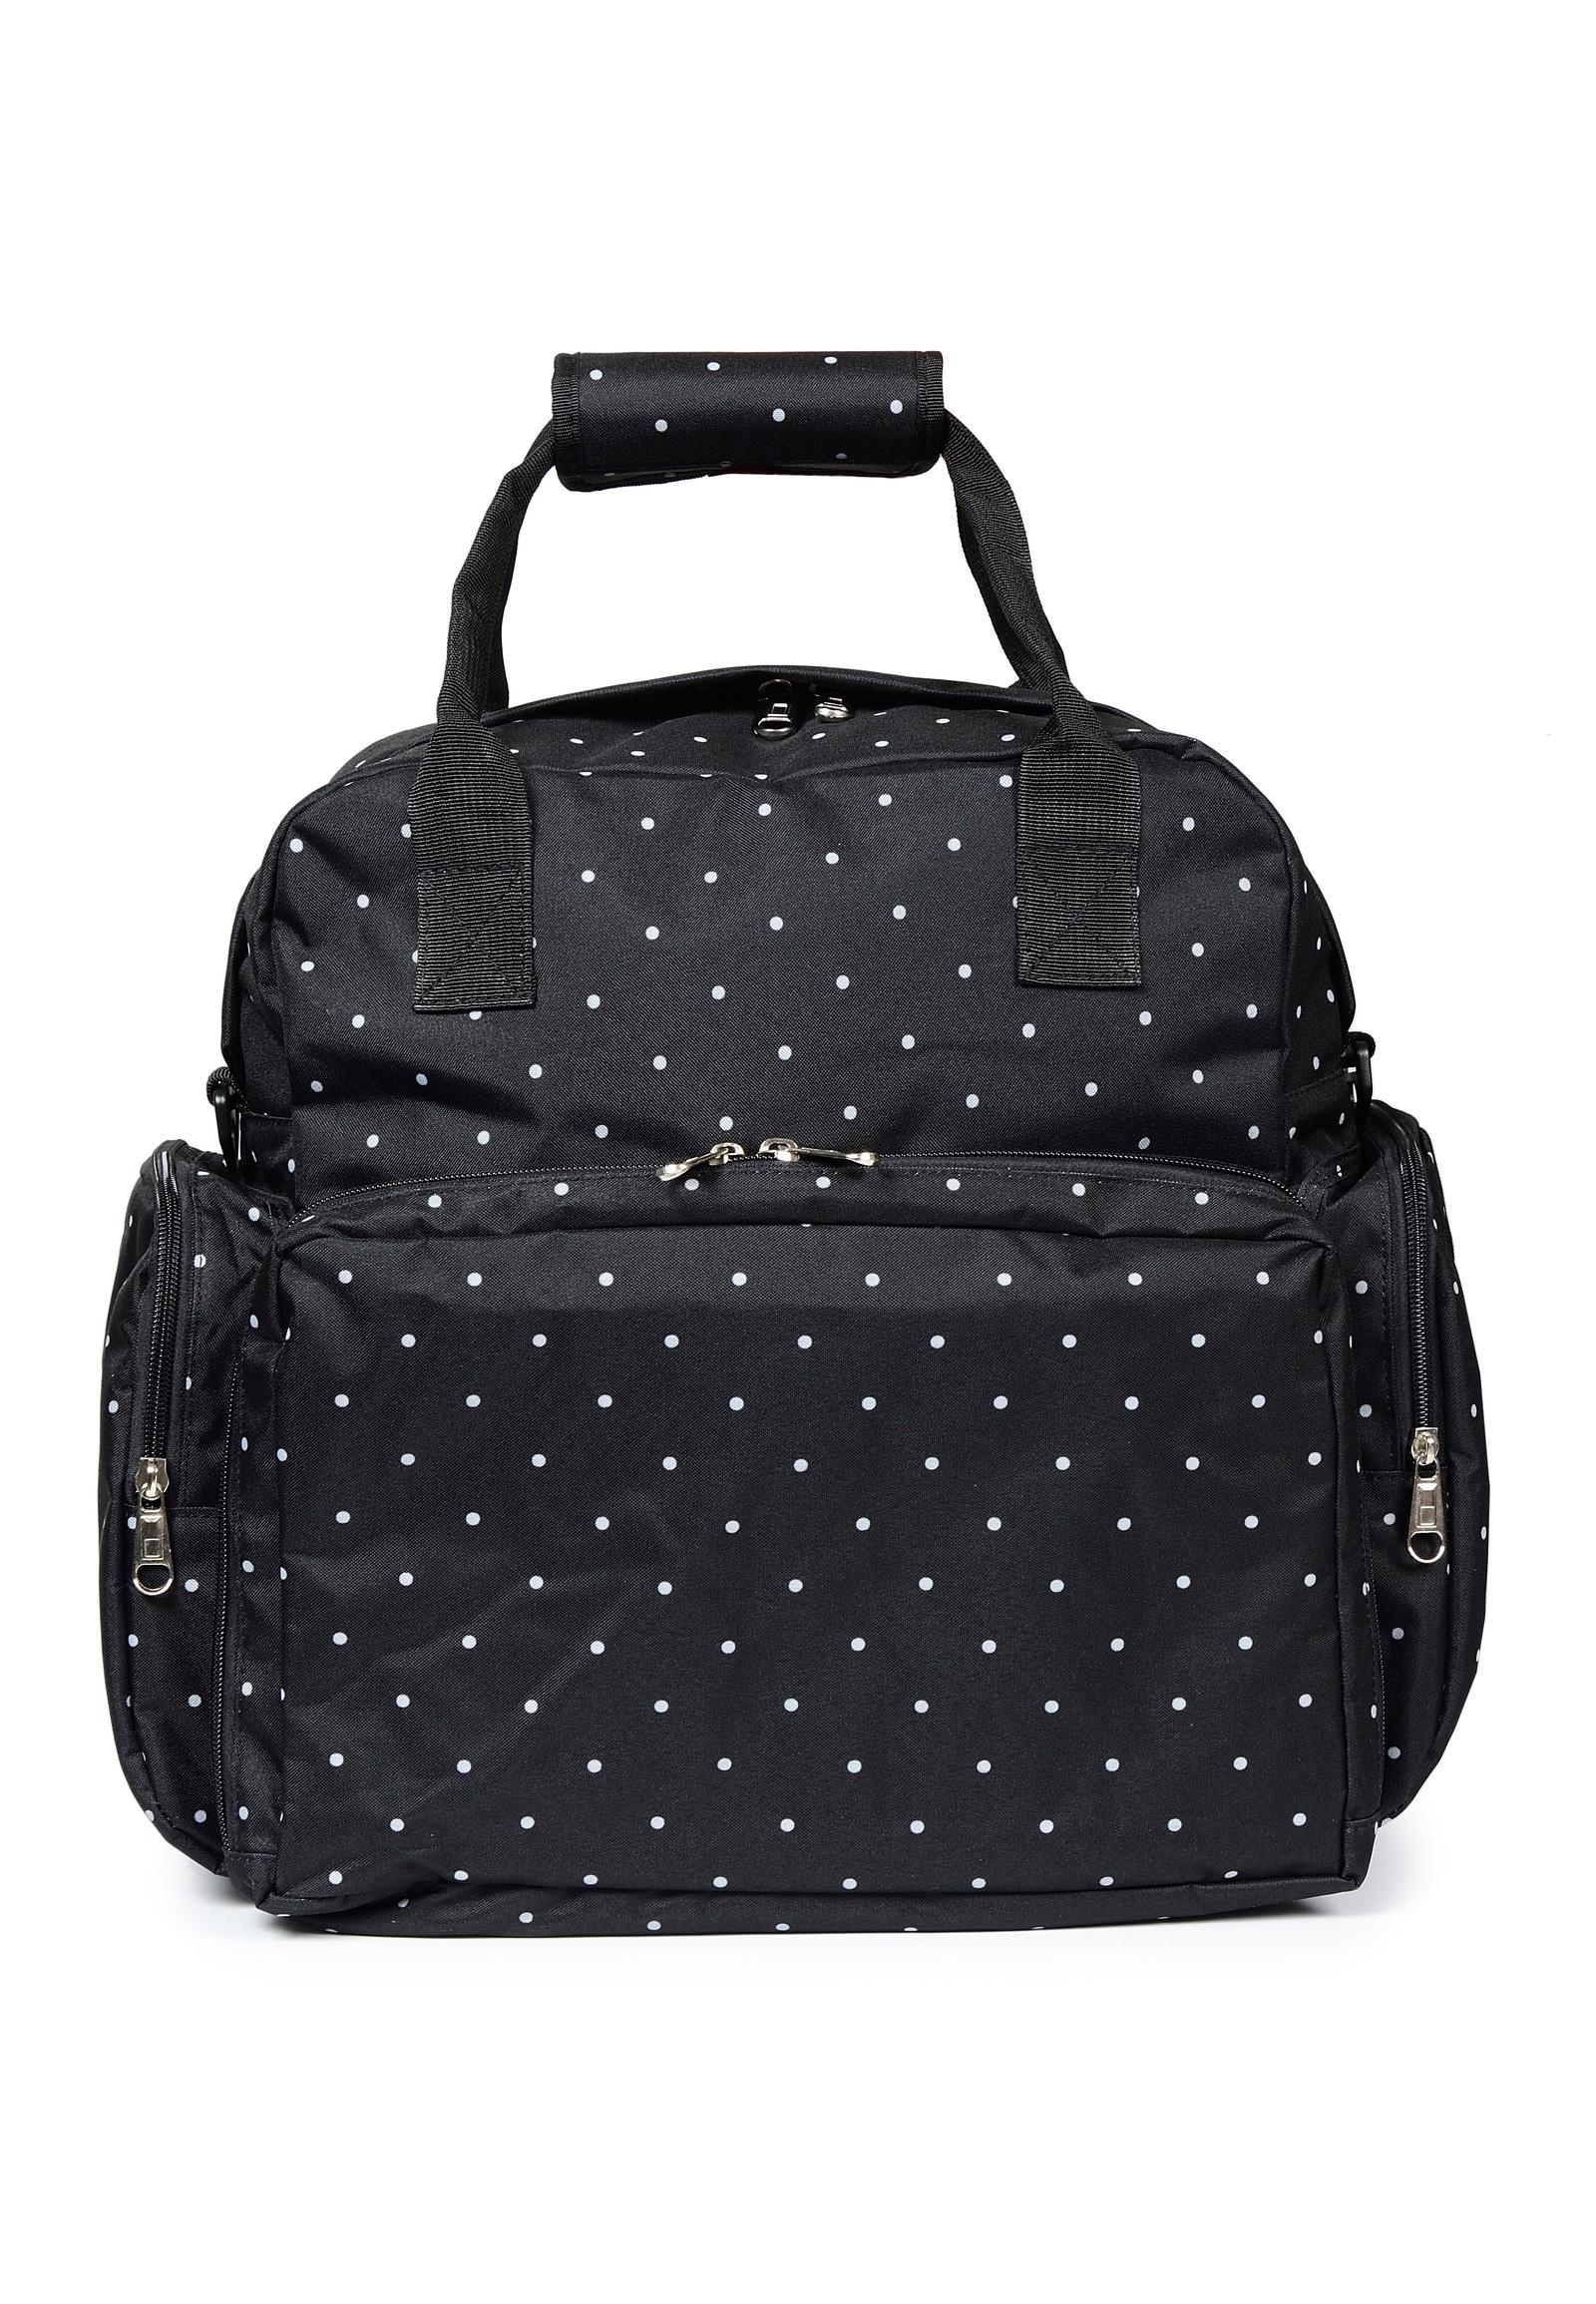 Фото - Сумка-рюкзак для мам, Ankommling. BMASPNe ай ши oiwas плечо сумка красные мешки отдыха рюкзак ocb4187